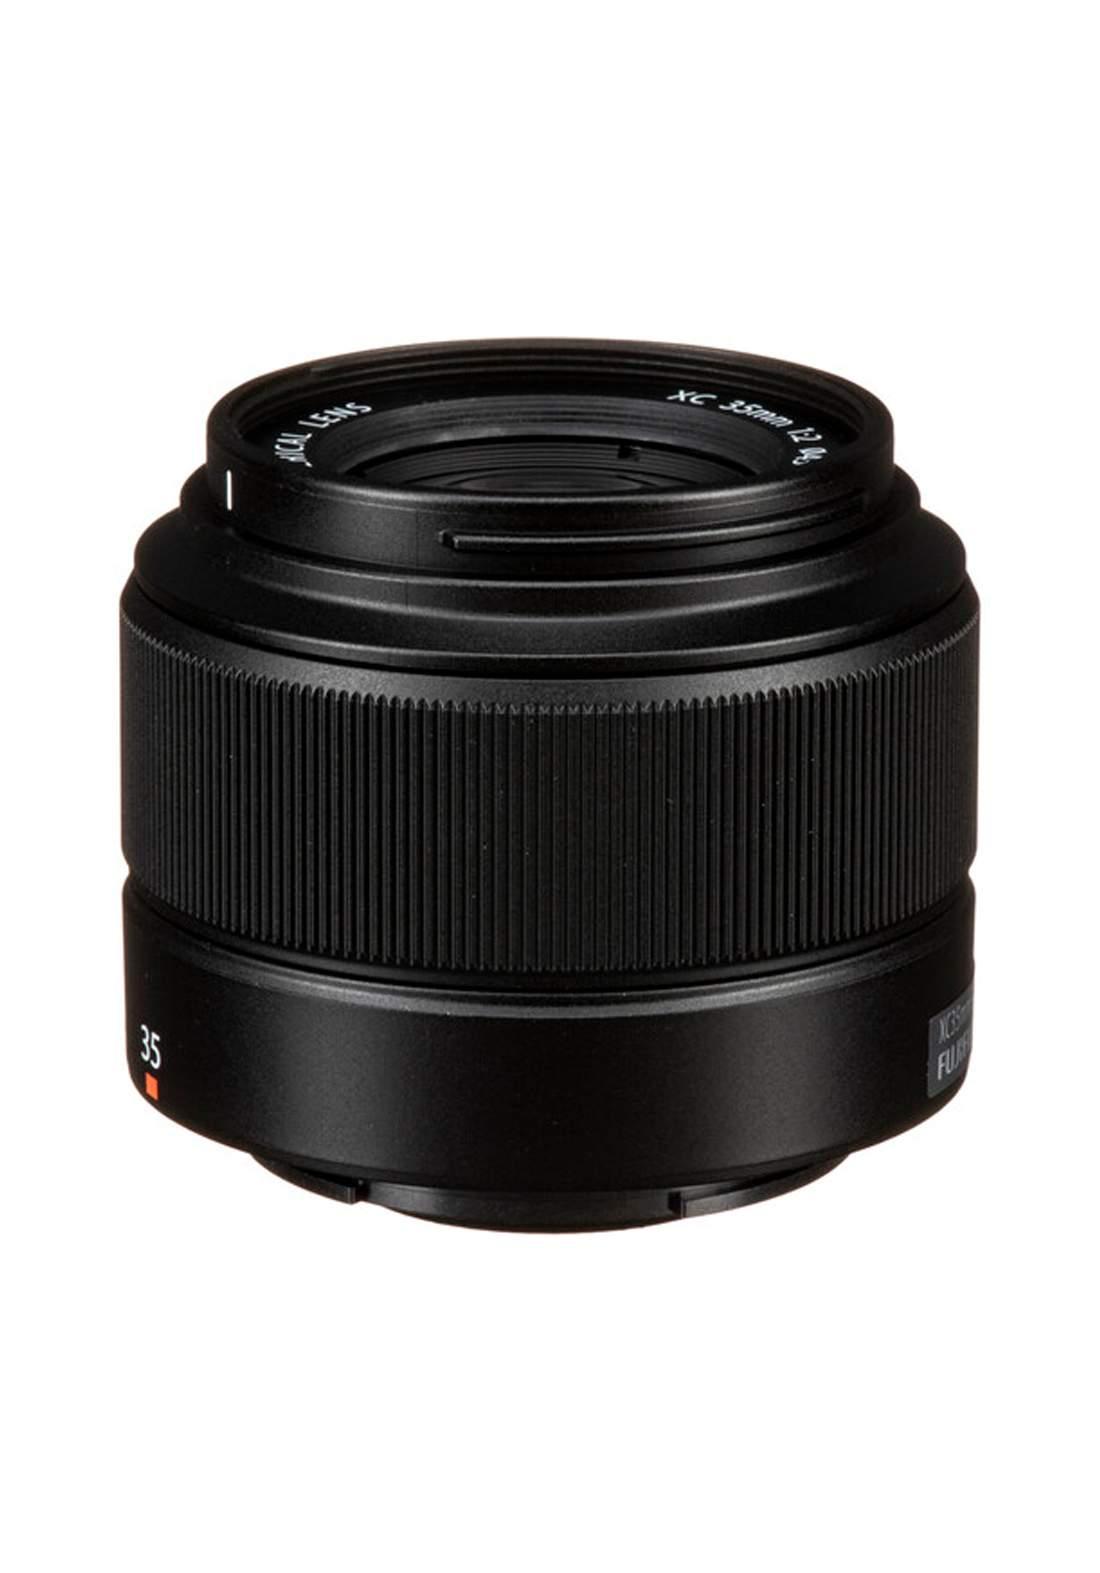 Fujifilm XC 35mm F2 Lens  - Black عدسة كاميرا